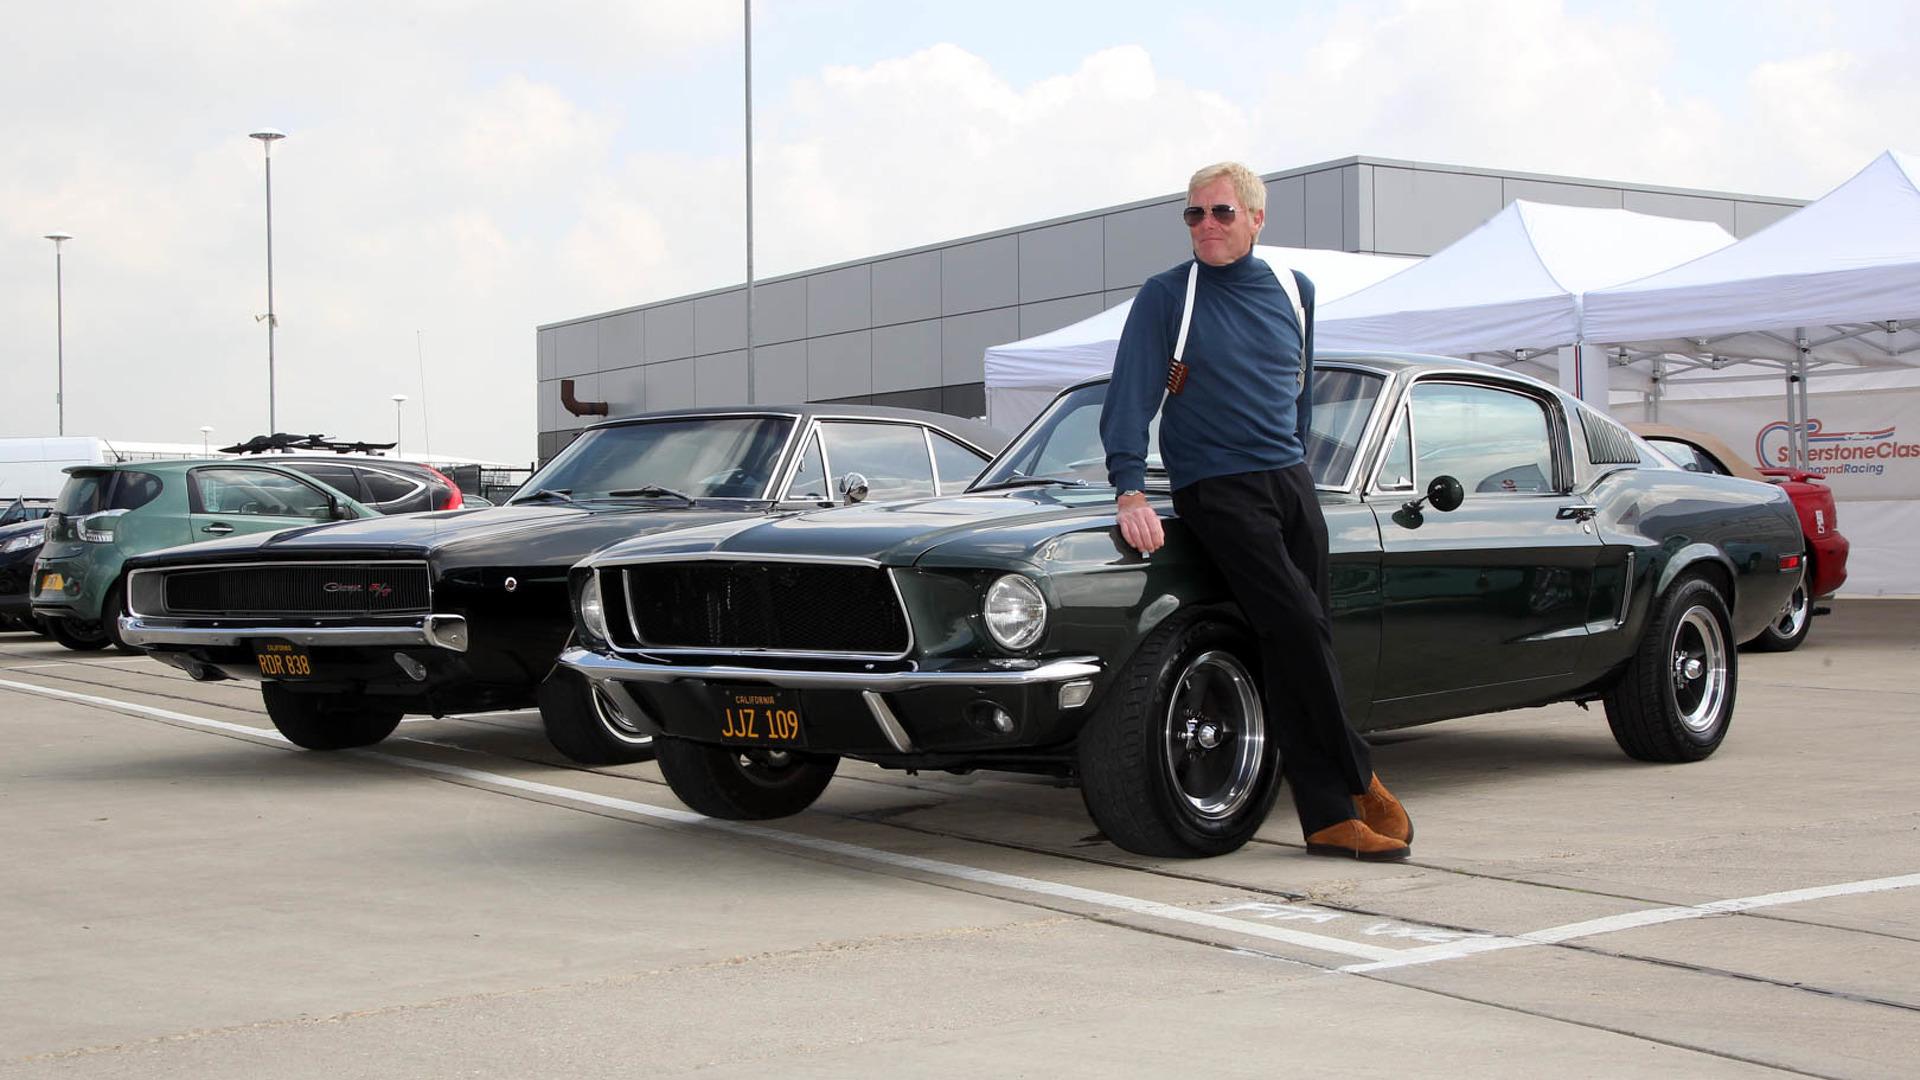 Iconic Bullitt Mustang Found In Californian Desert